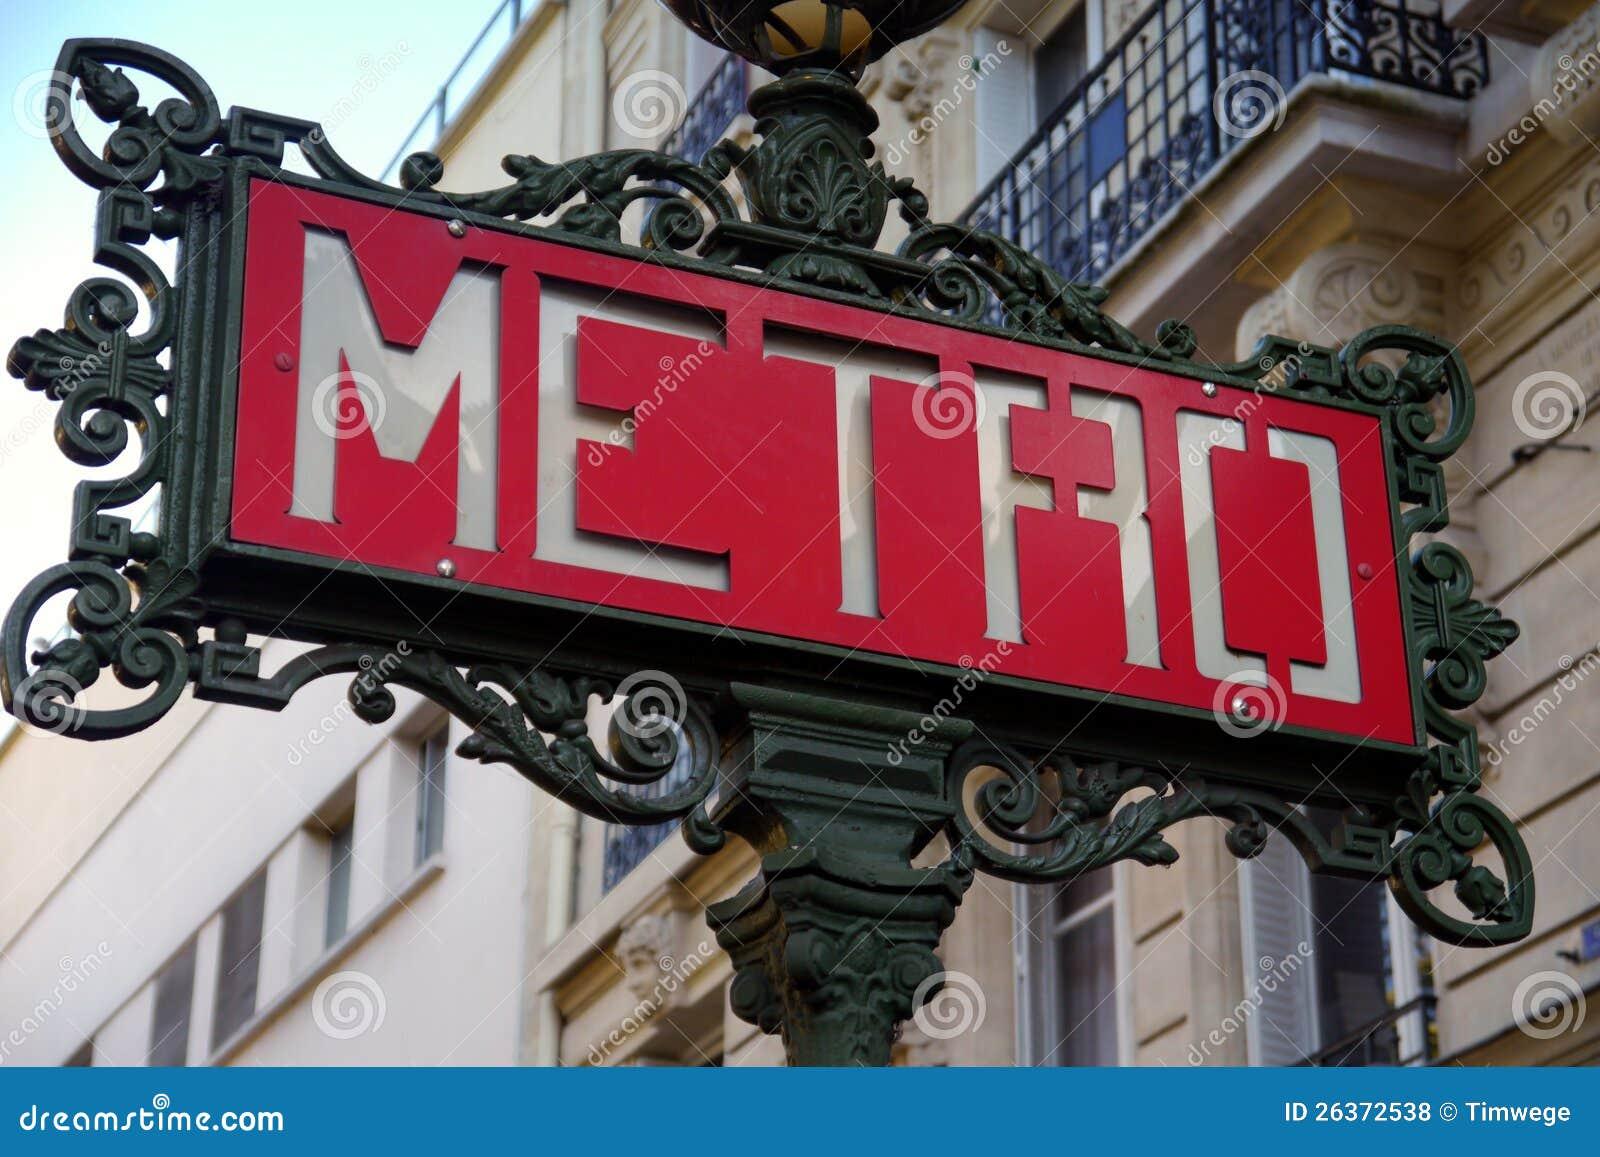 Sing of paris metro